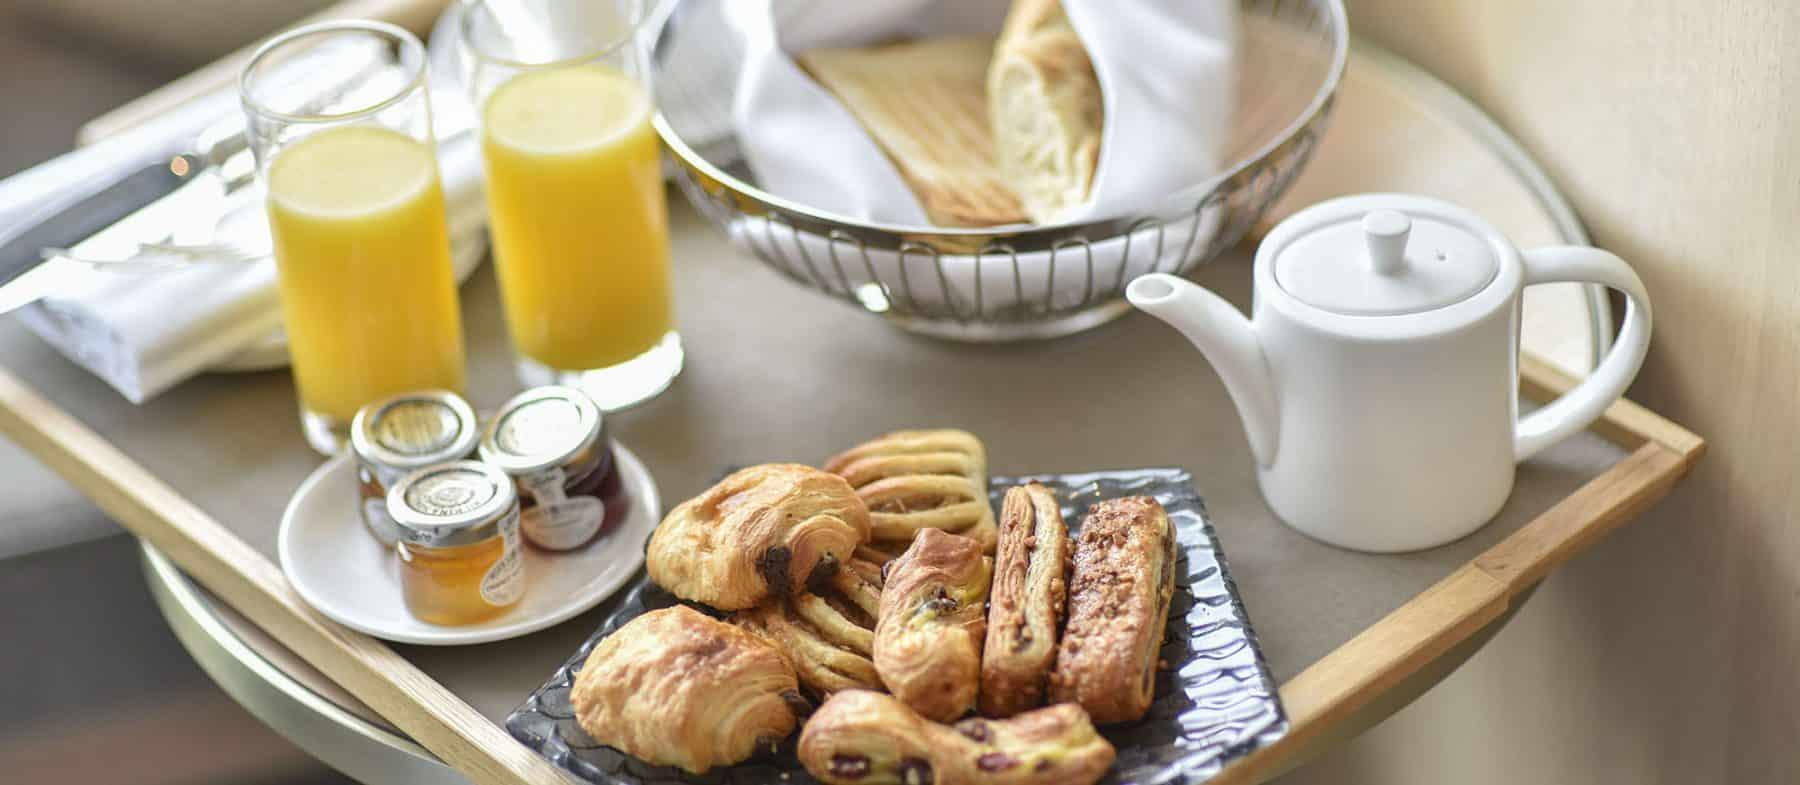 Luxury Breakfast near Hyde Park